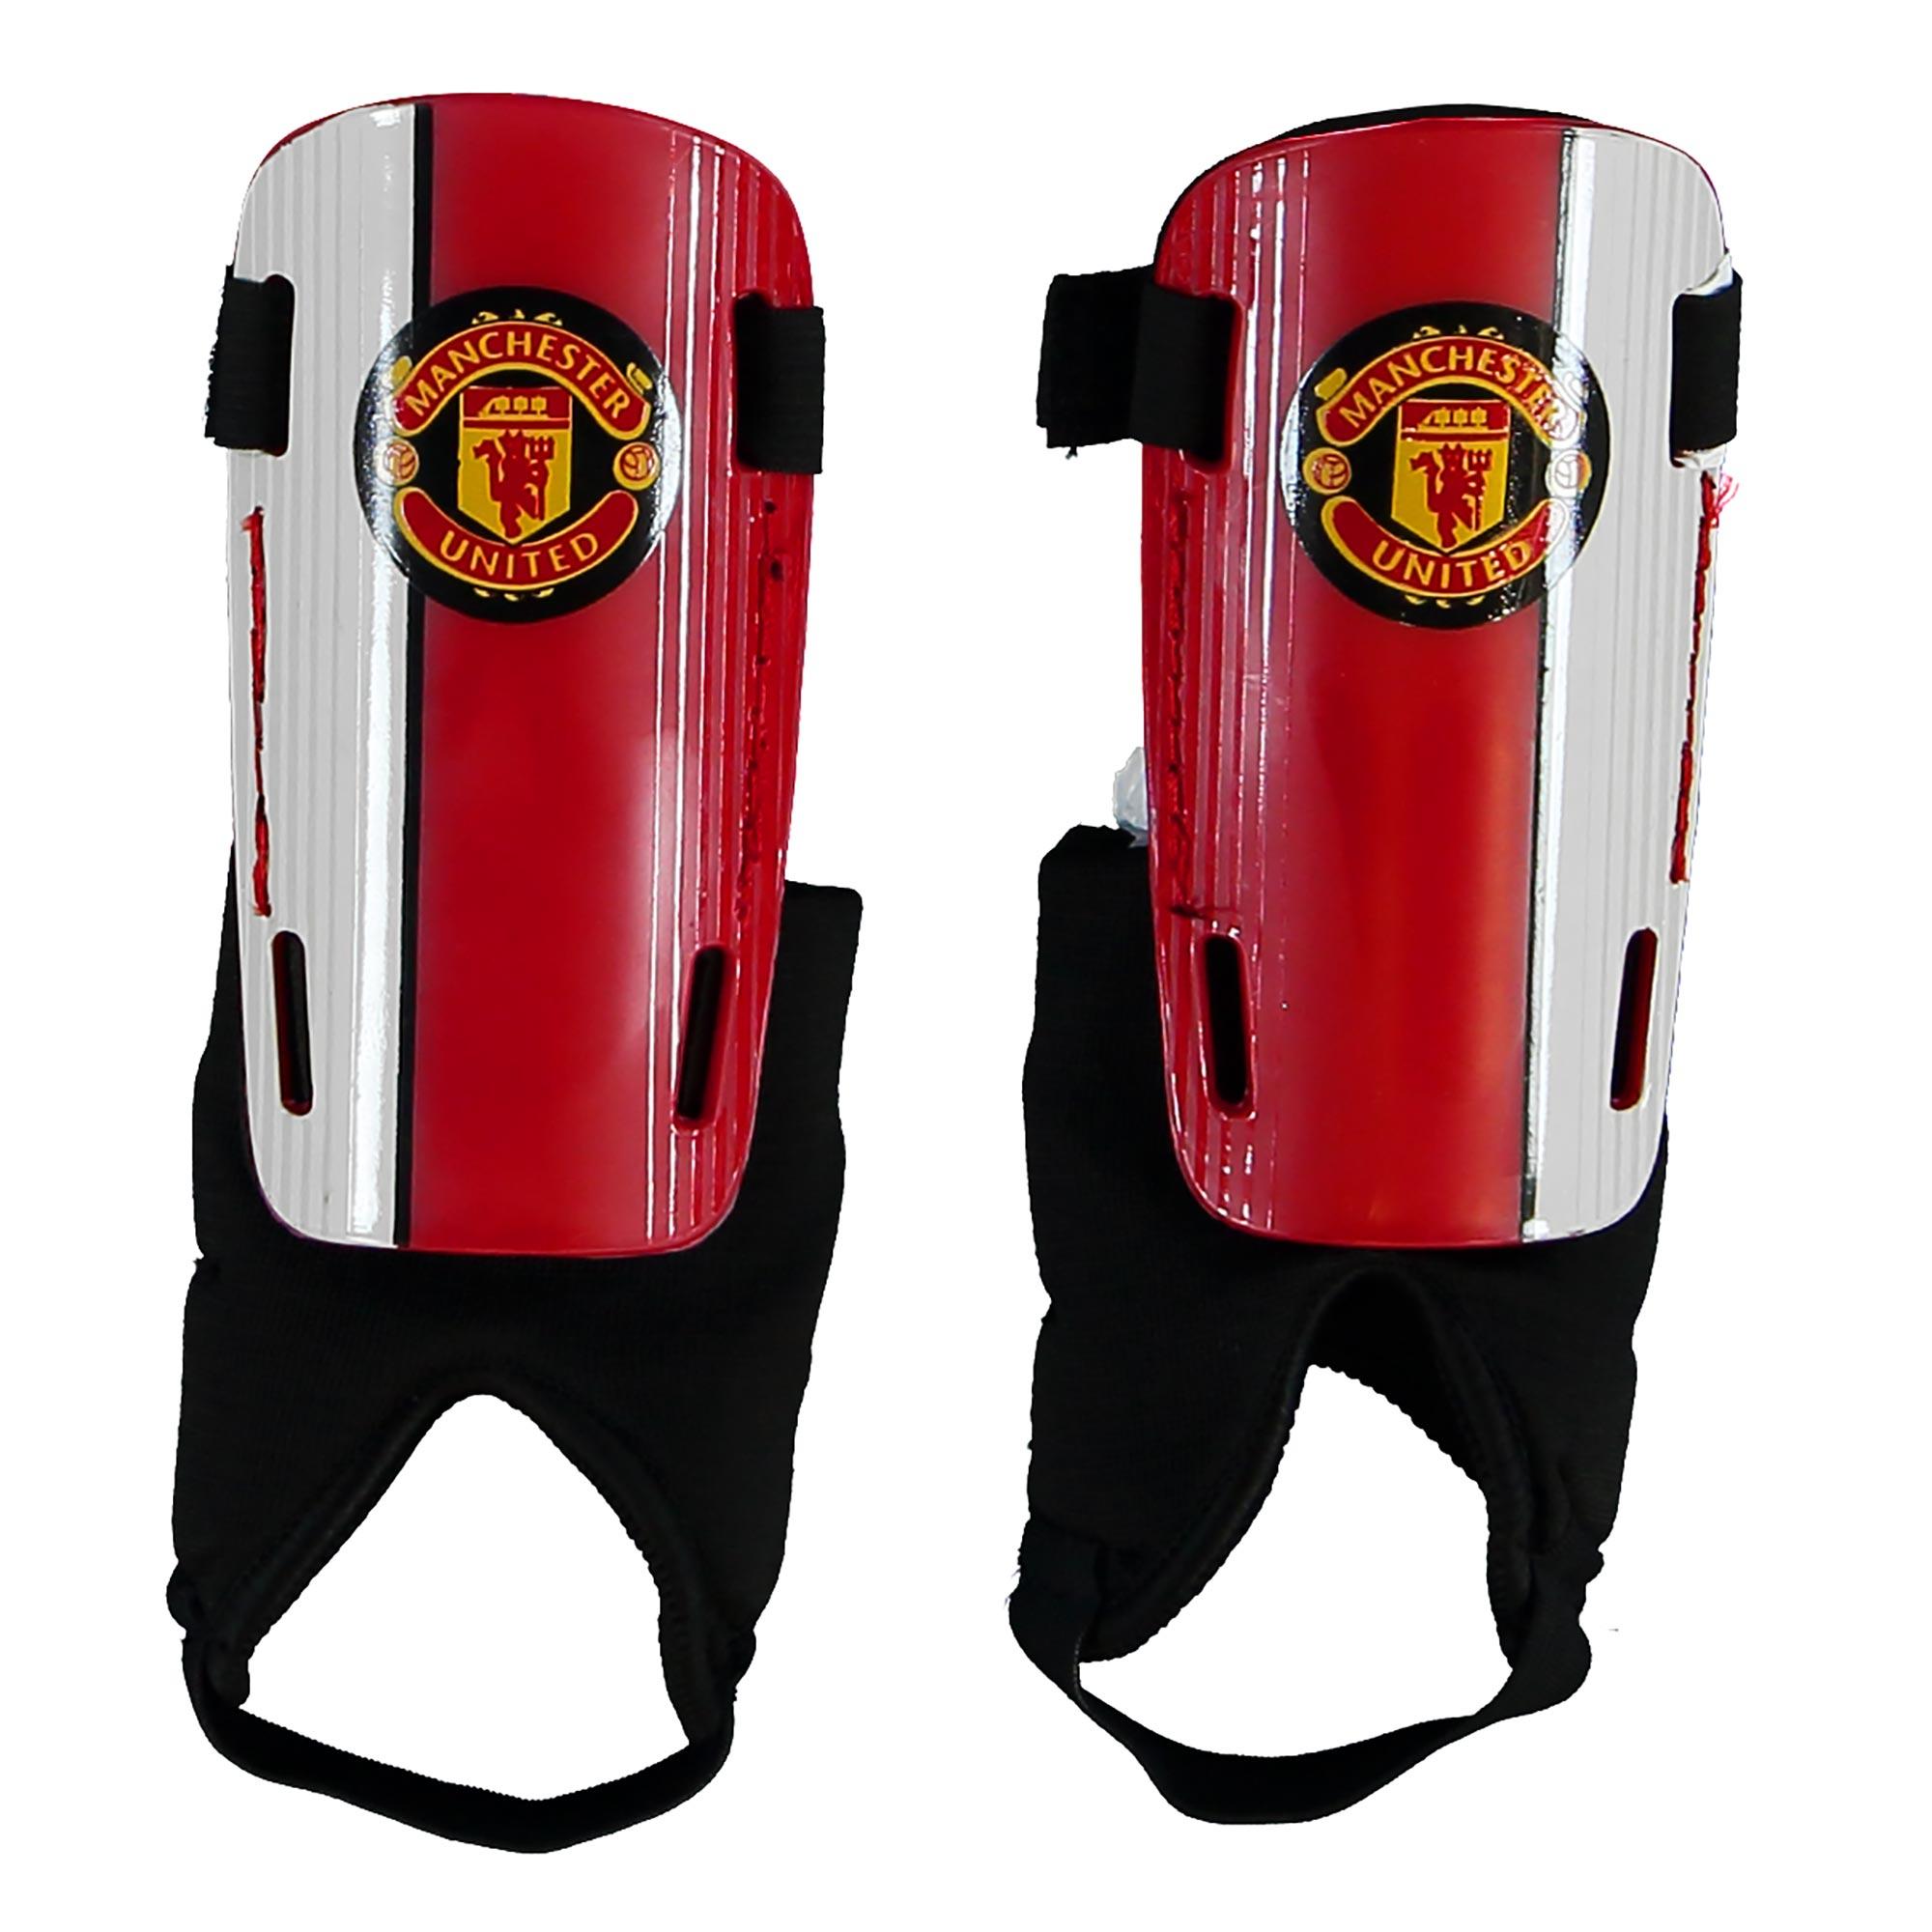 Protège-tibias avec écusson Manchester United - Garçon